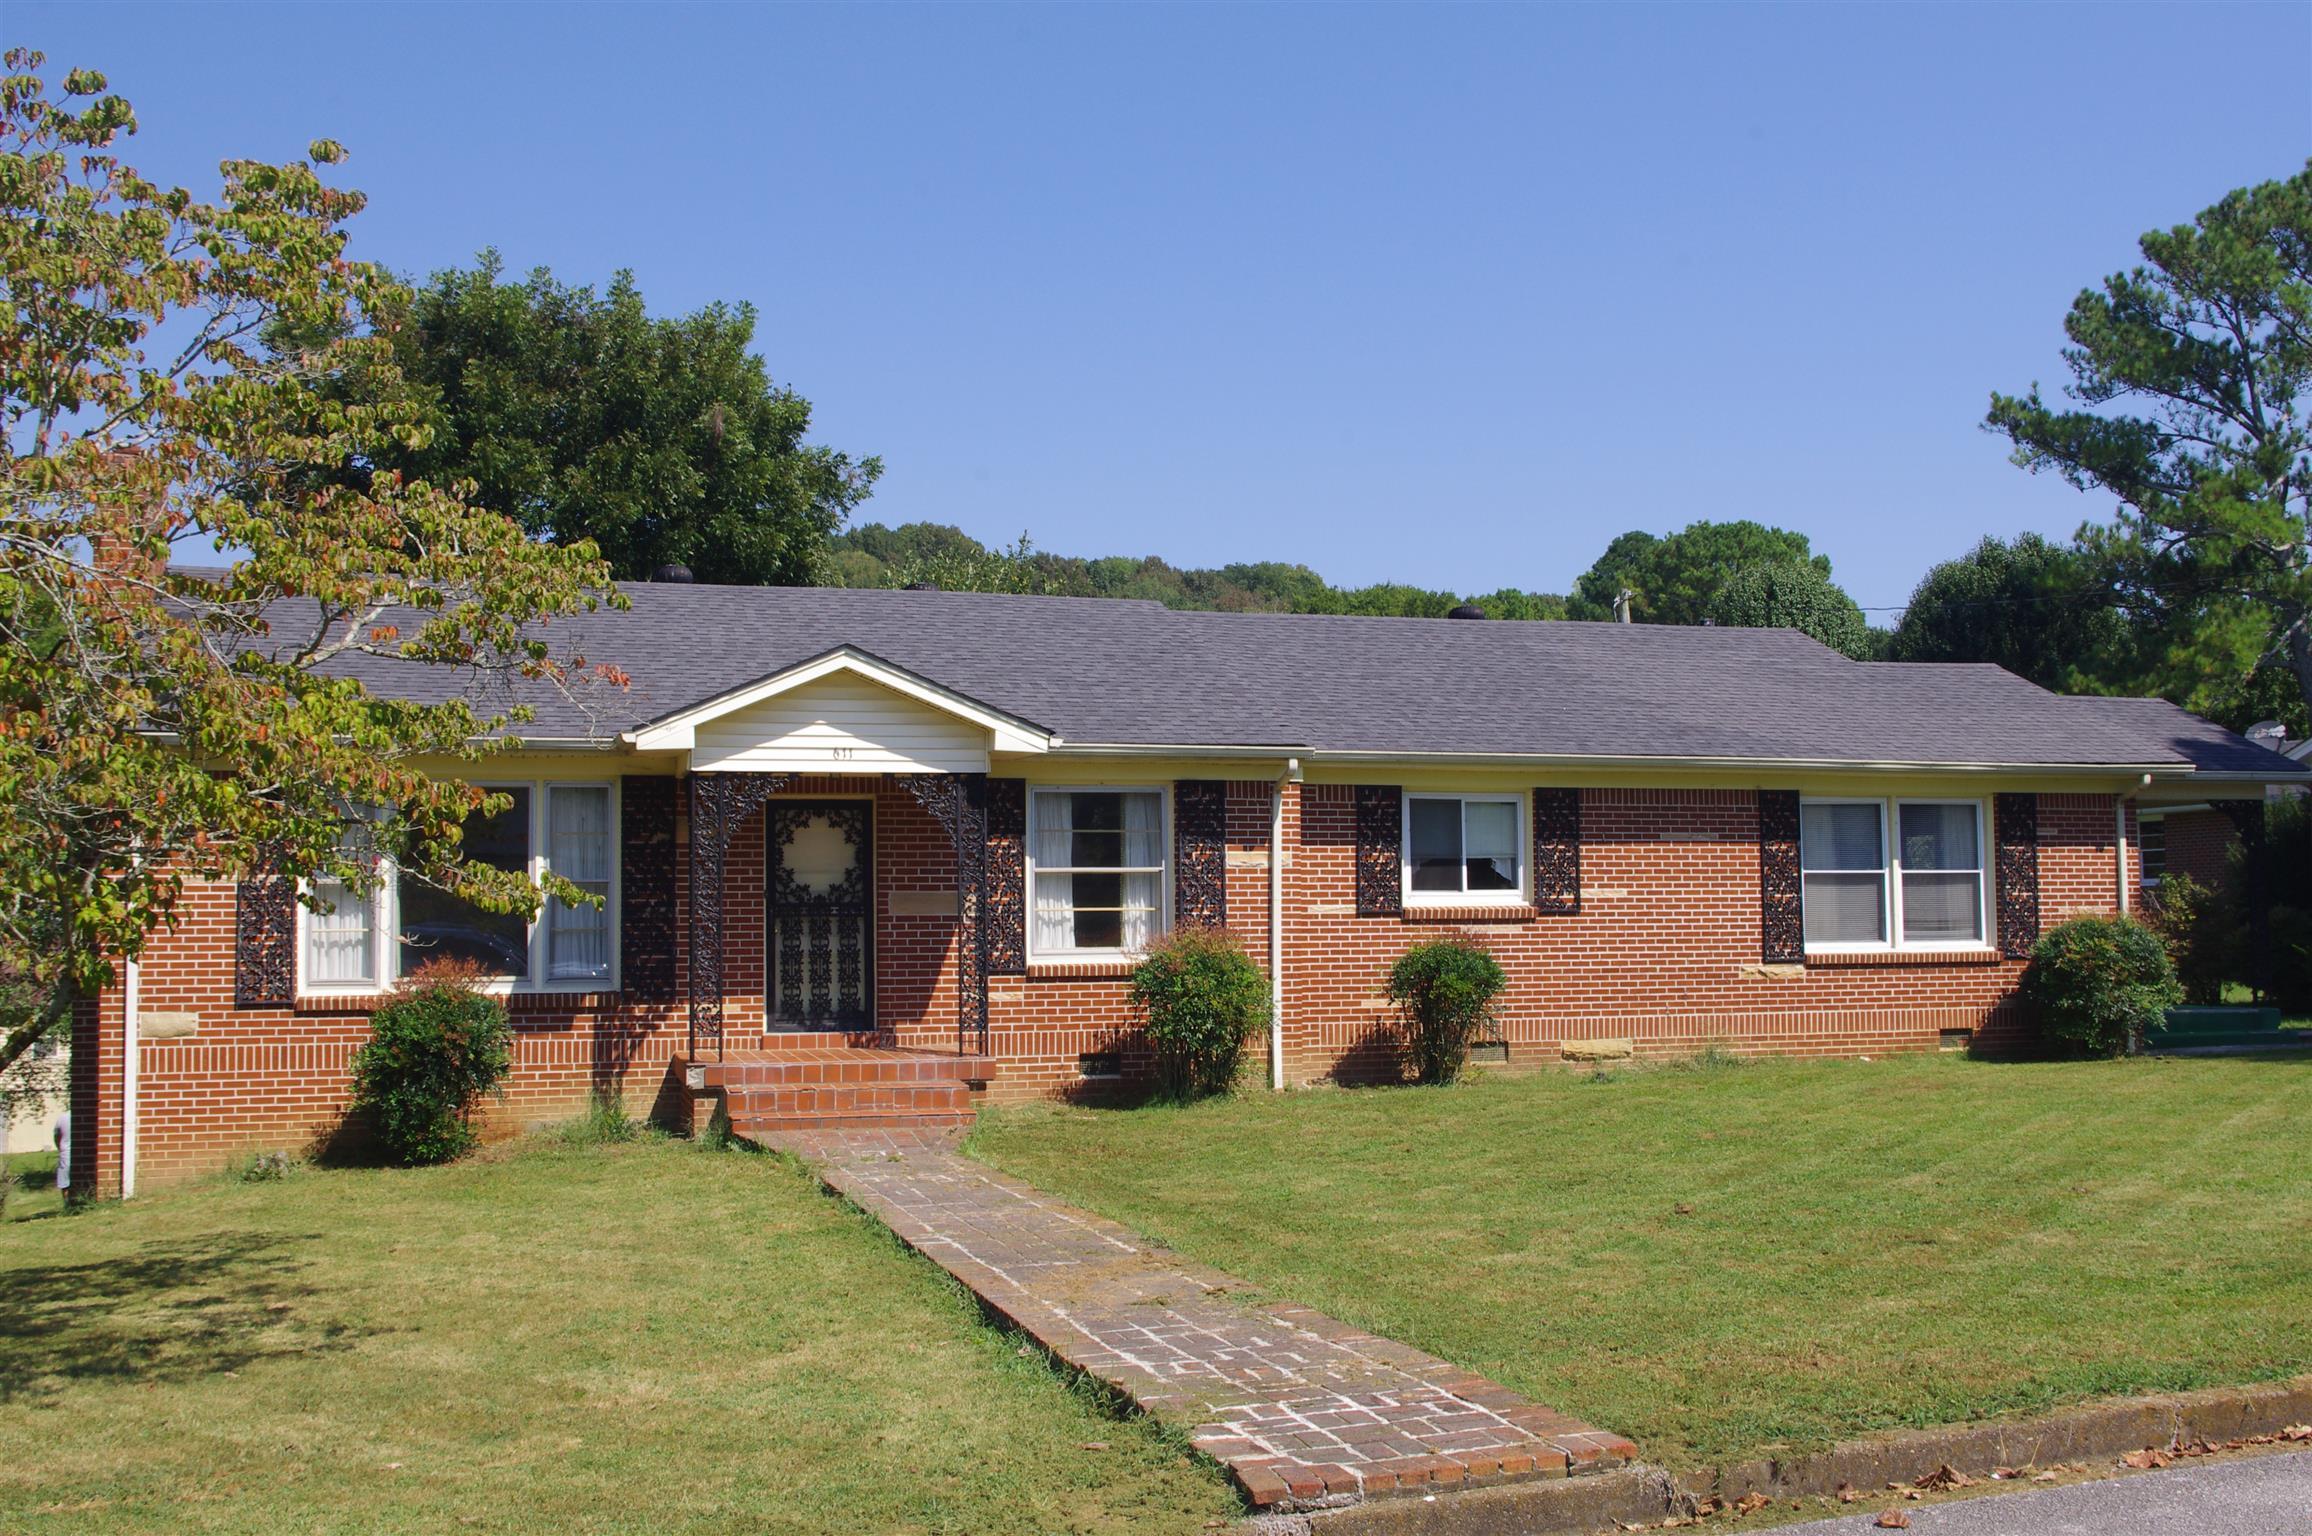 611 Jackson Ave Carthage, TN 37030